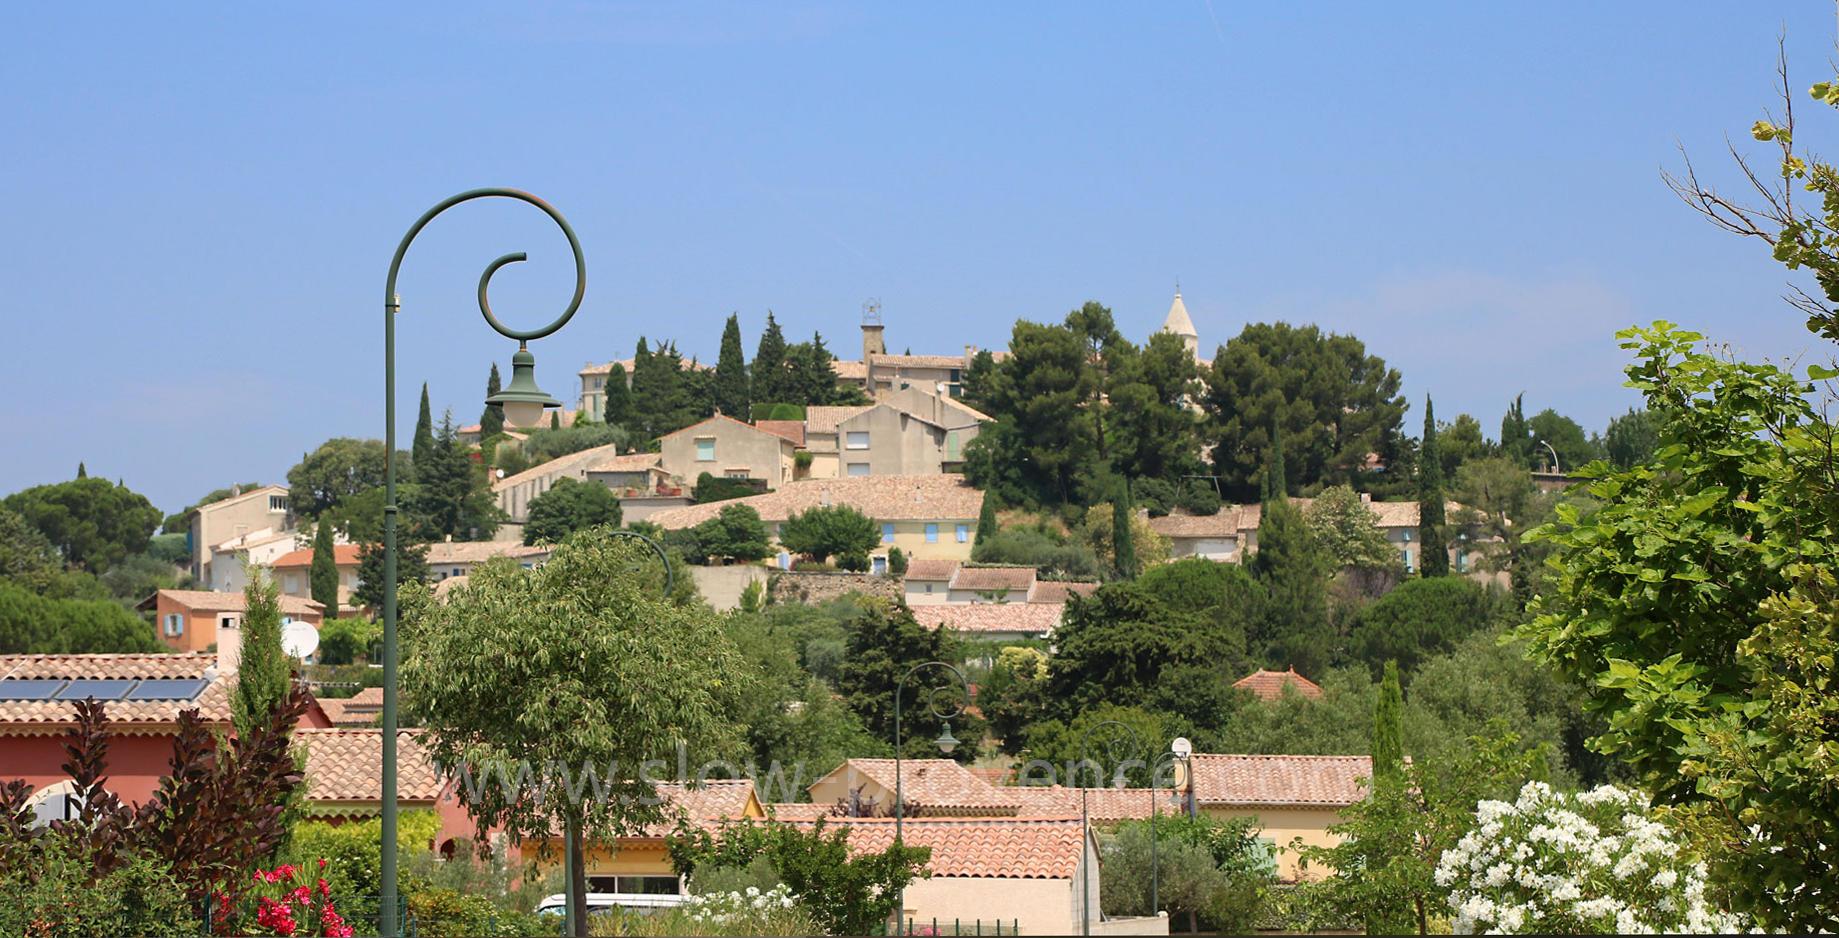 Cairanne, joli village connu pour son vin rouge Côtes du Rhone